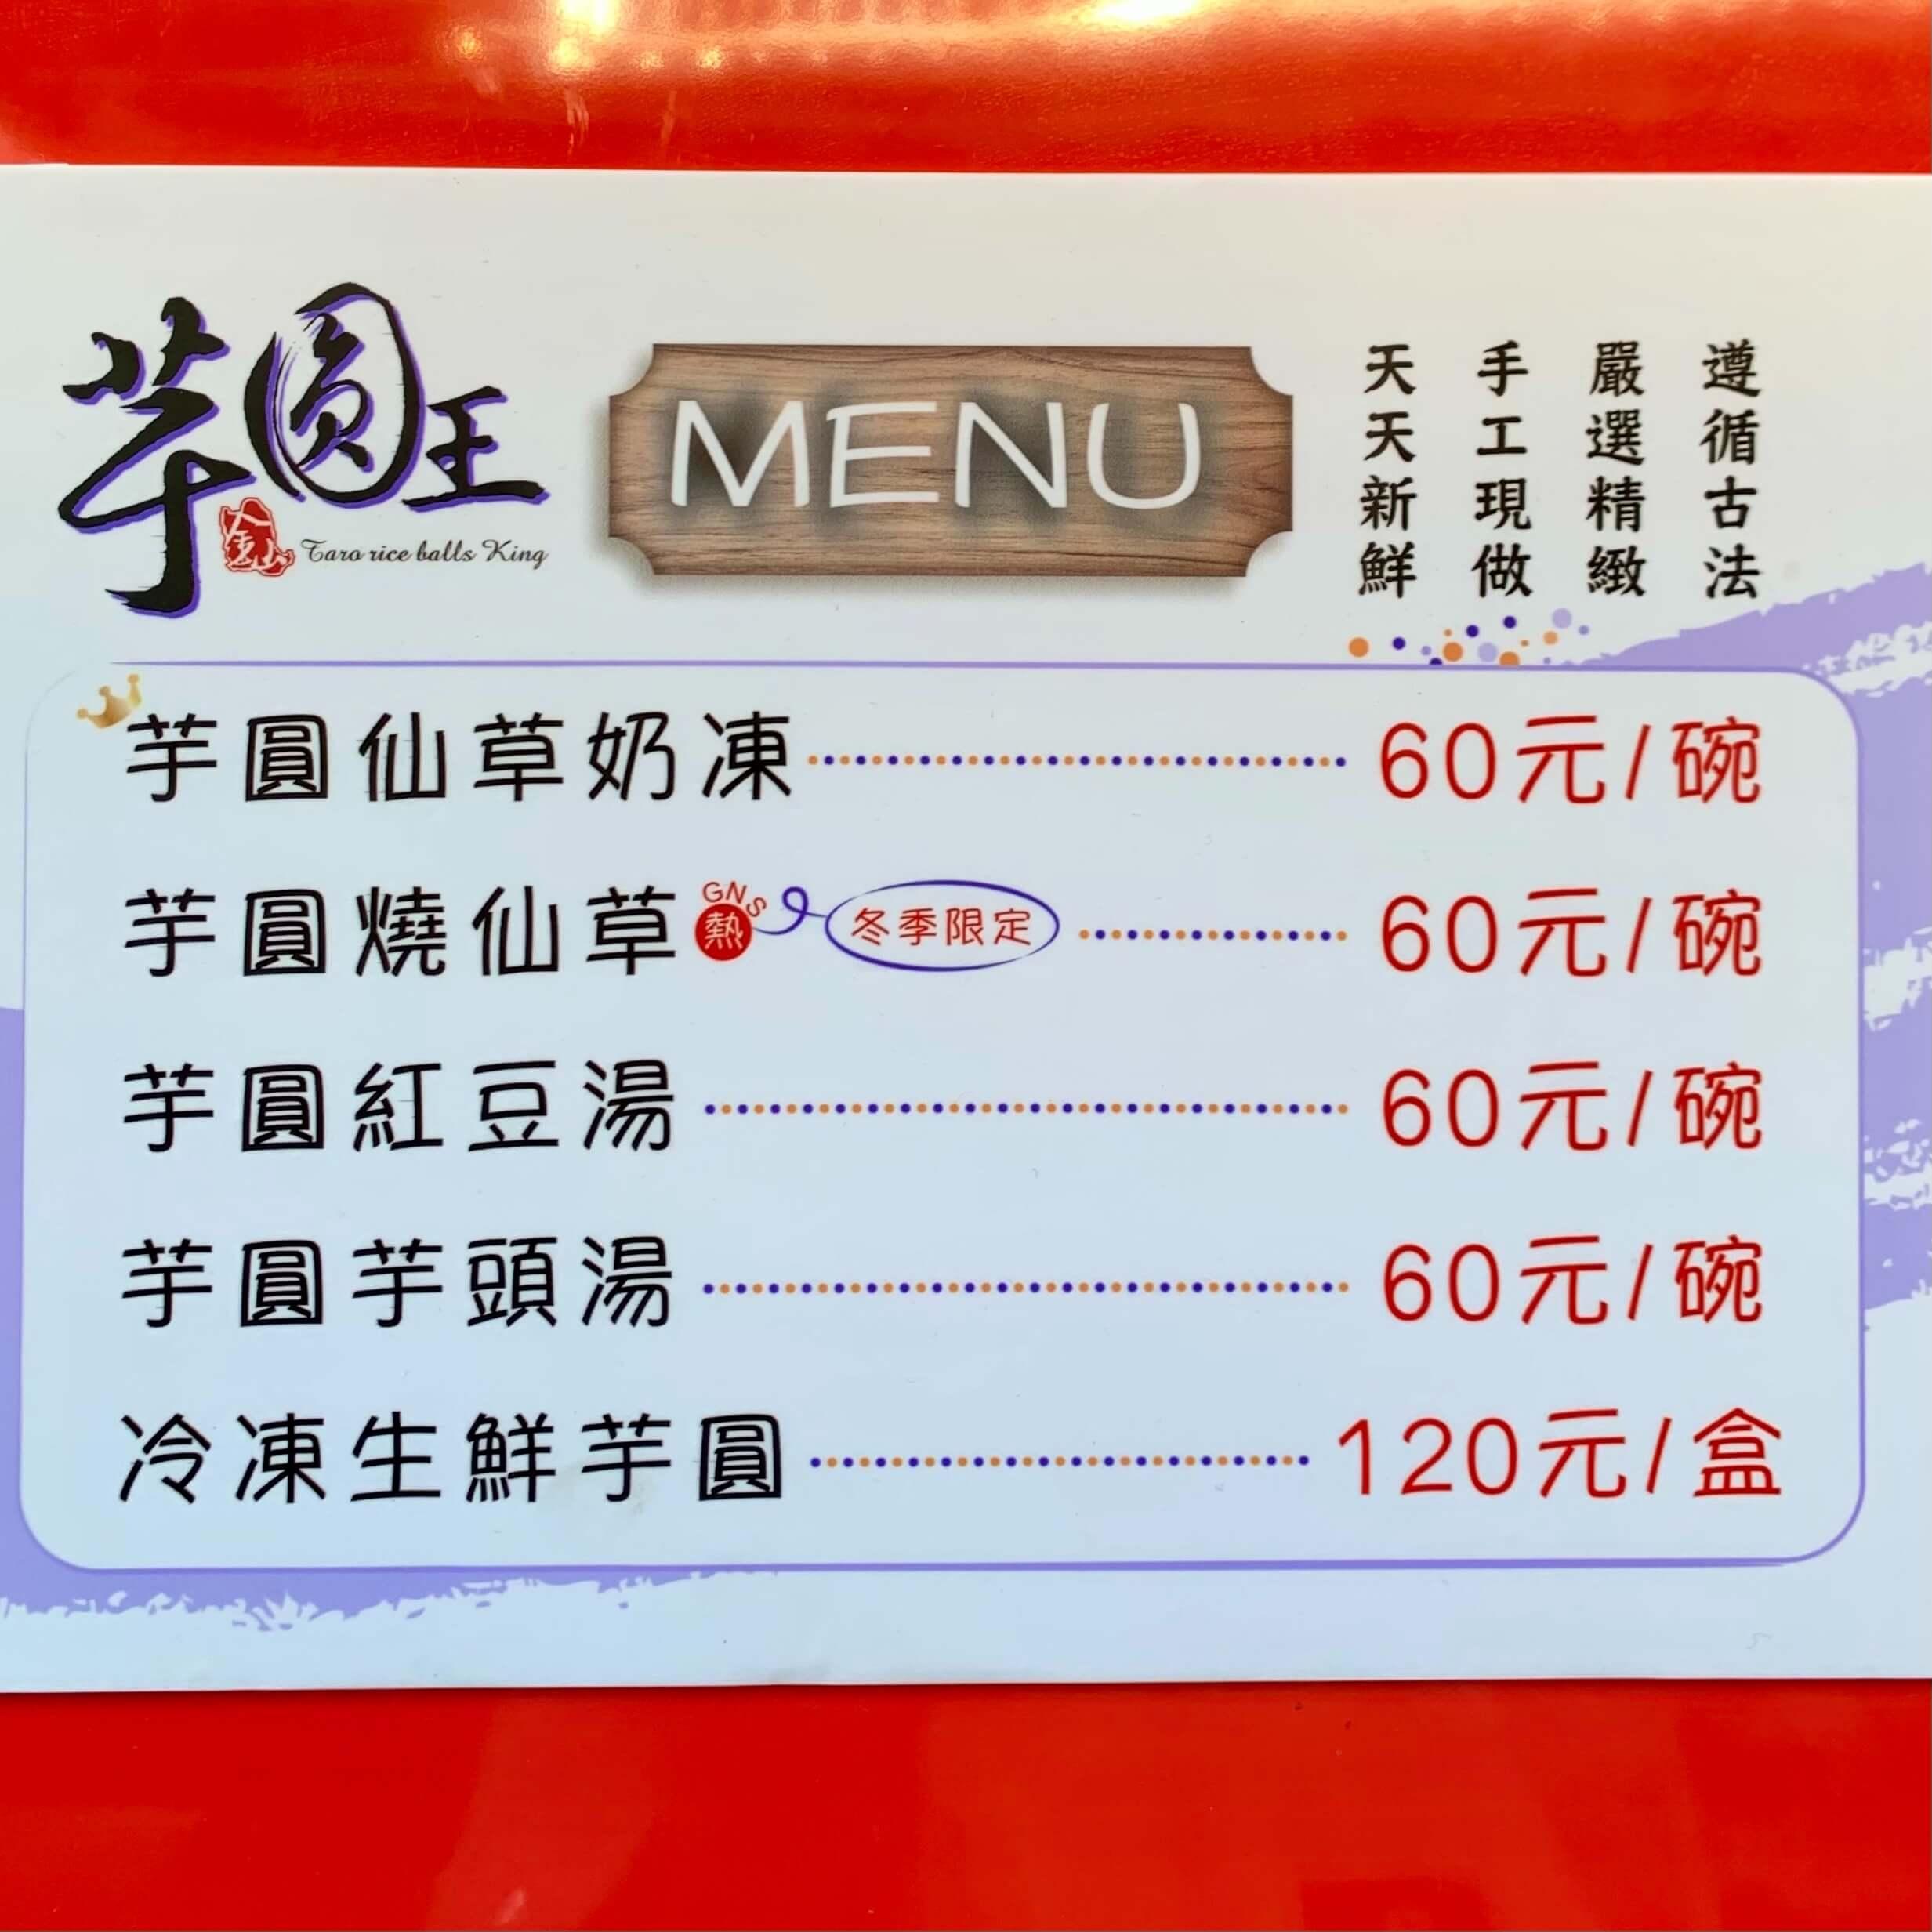 金山芋圓王菜單MENU